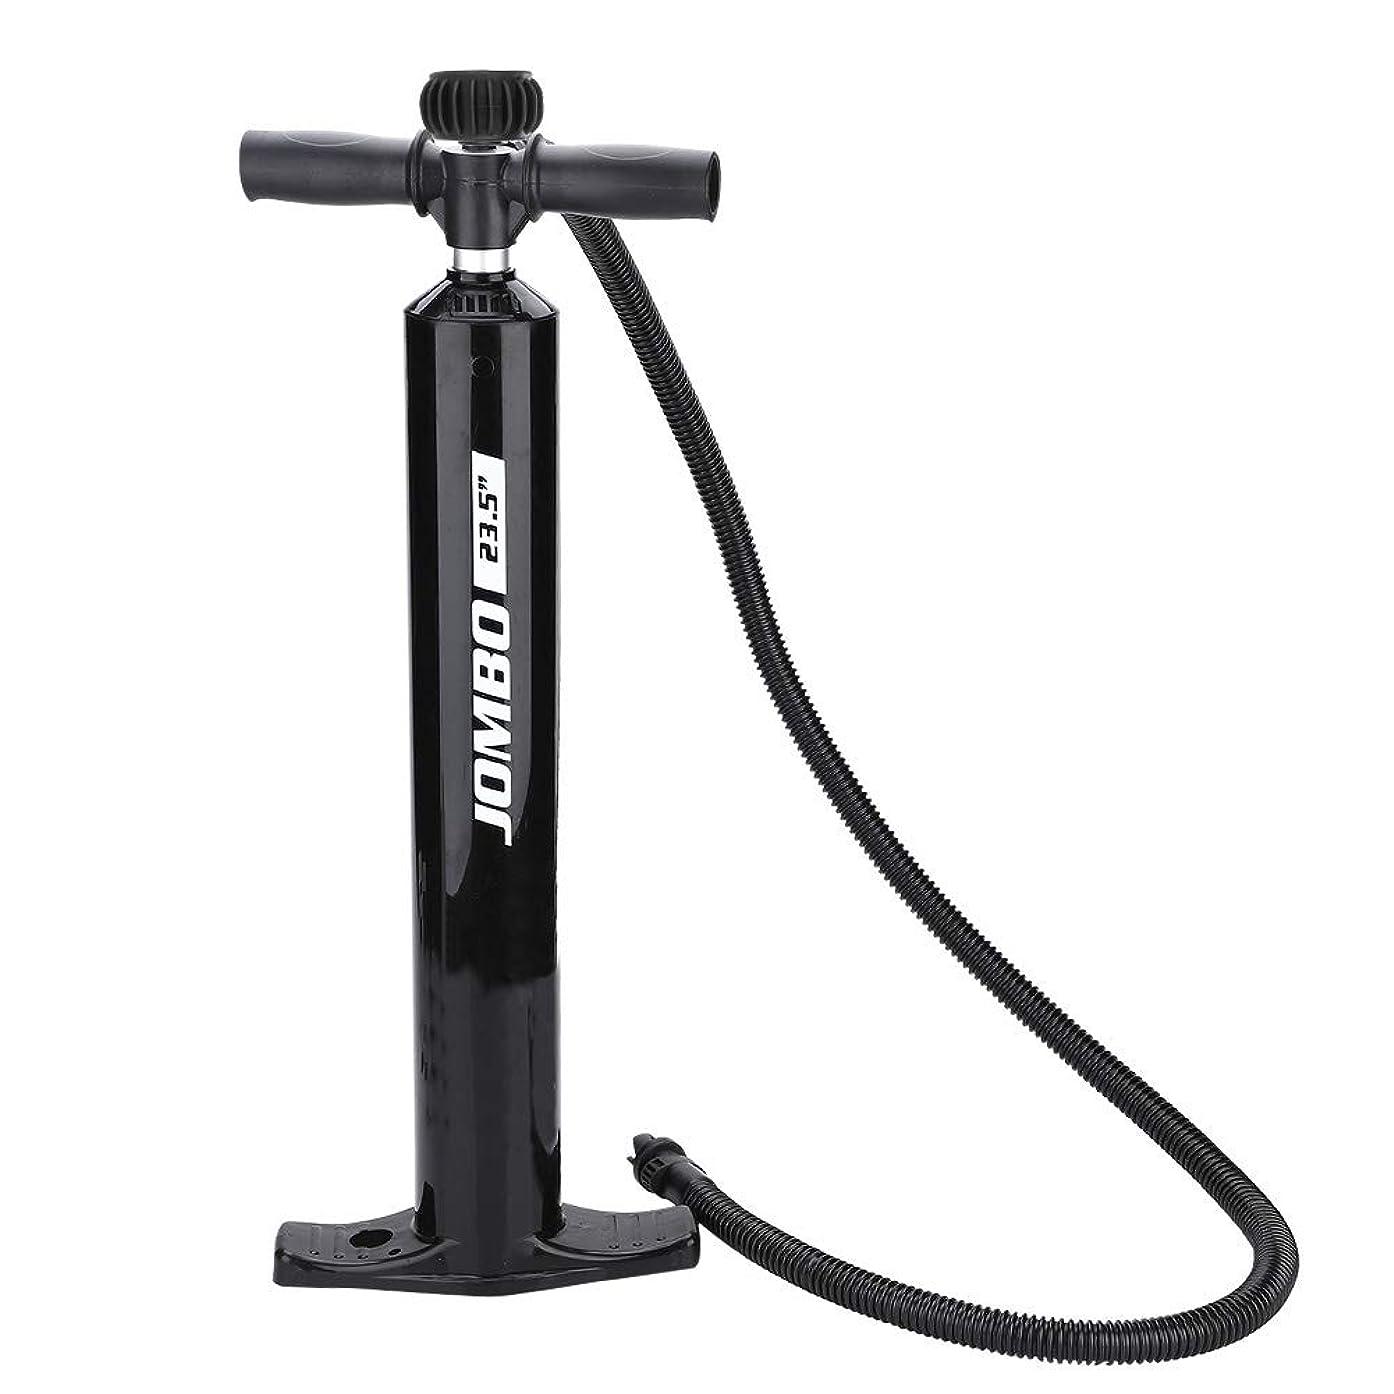 フィドル開拓者マイク自転車 手動ポンプ 空気入れ 最大空気圧20psi コンパクト 軽量 膨脹可能 圧力計付き ブラック